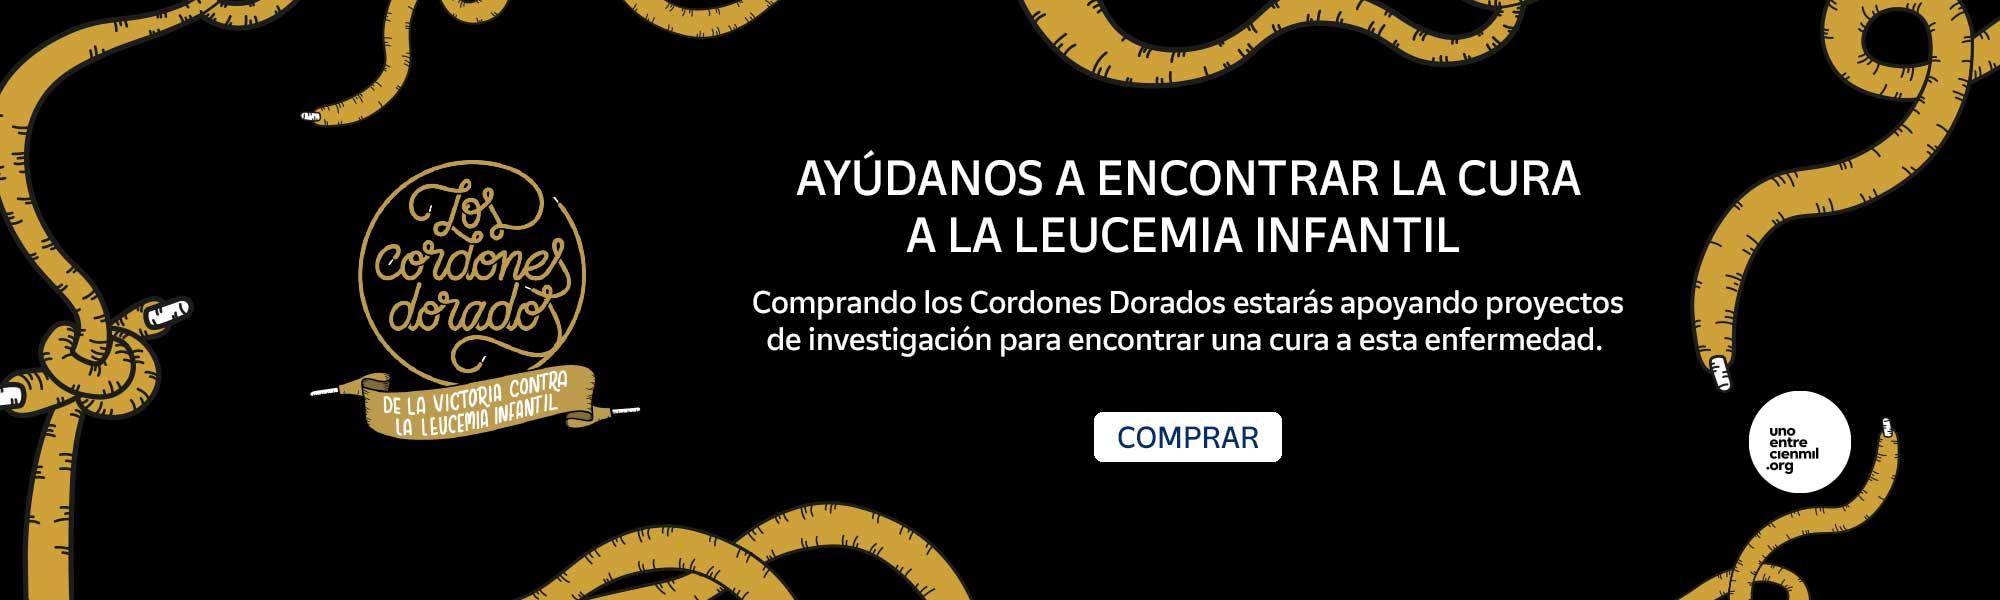 Cordones solidarios - Tienda Online Correos